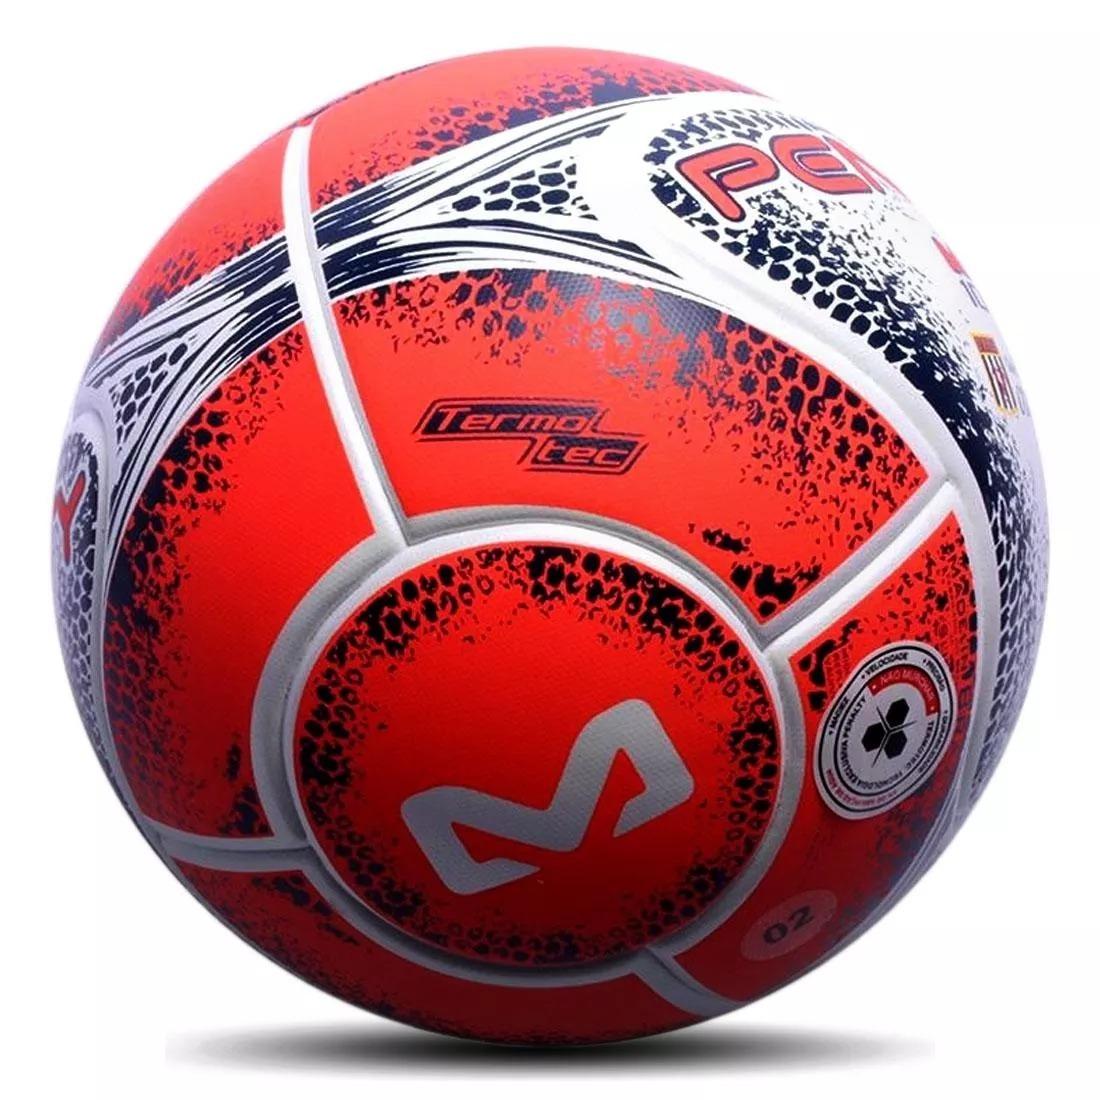 7ed6fb4a95112 promoção  bola de futsal max 1000 penalty. oficial! Carregando zoom.